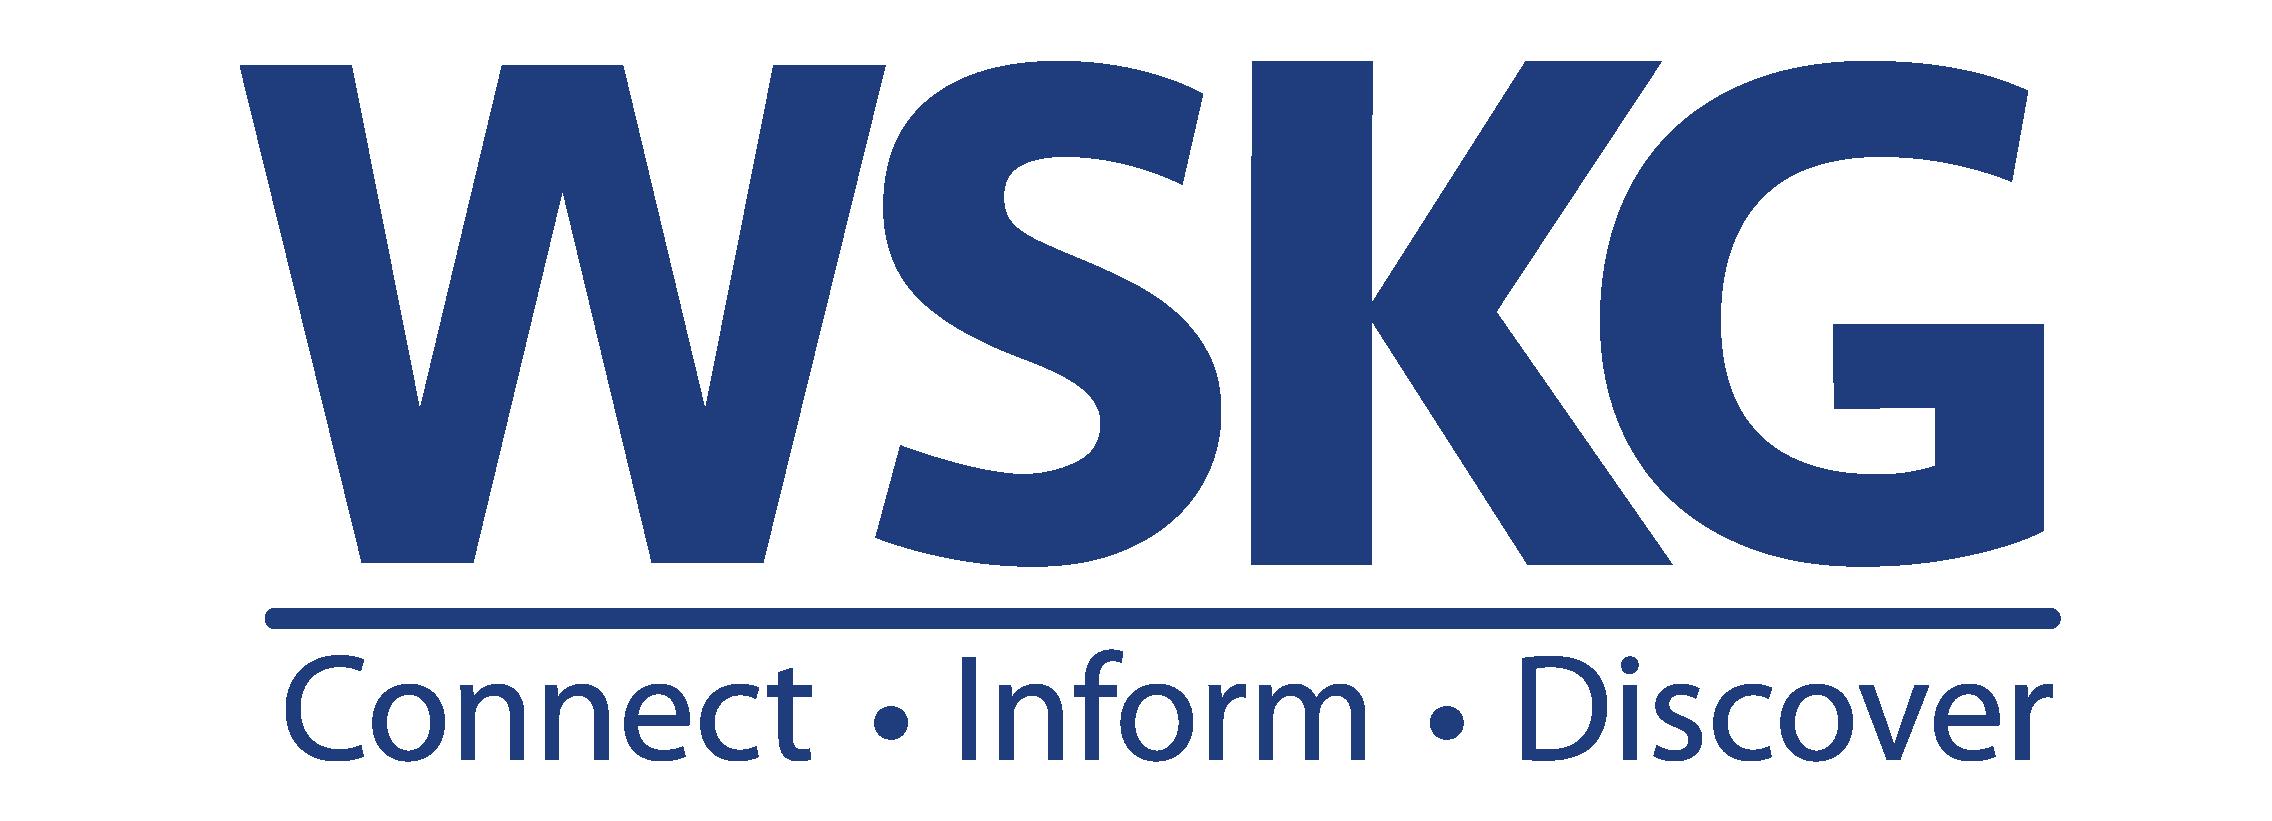 WSKG tagline logo 1 - Community Campaigns